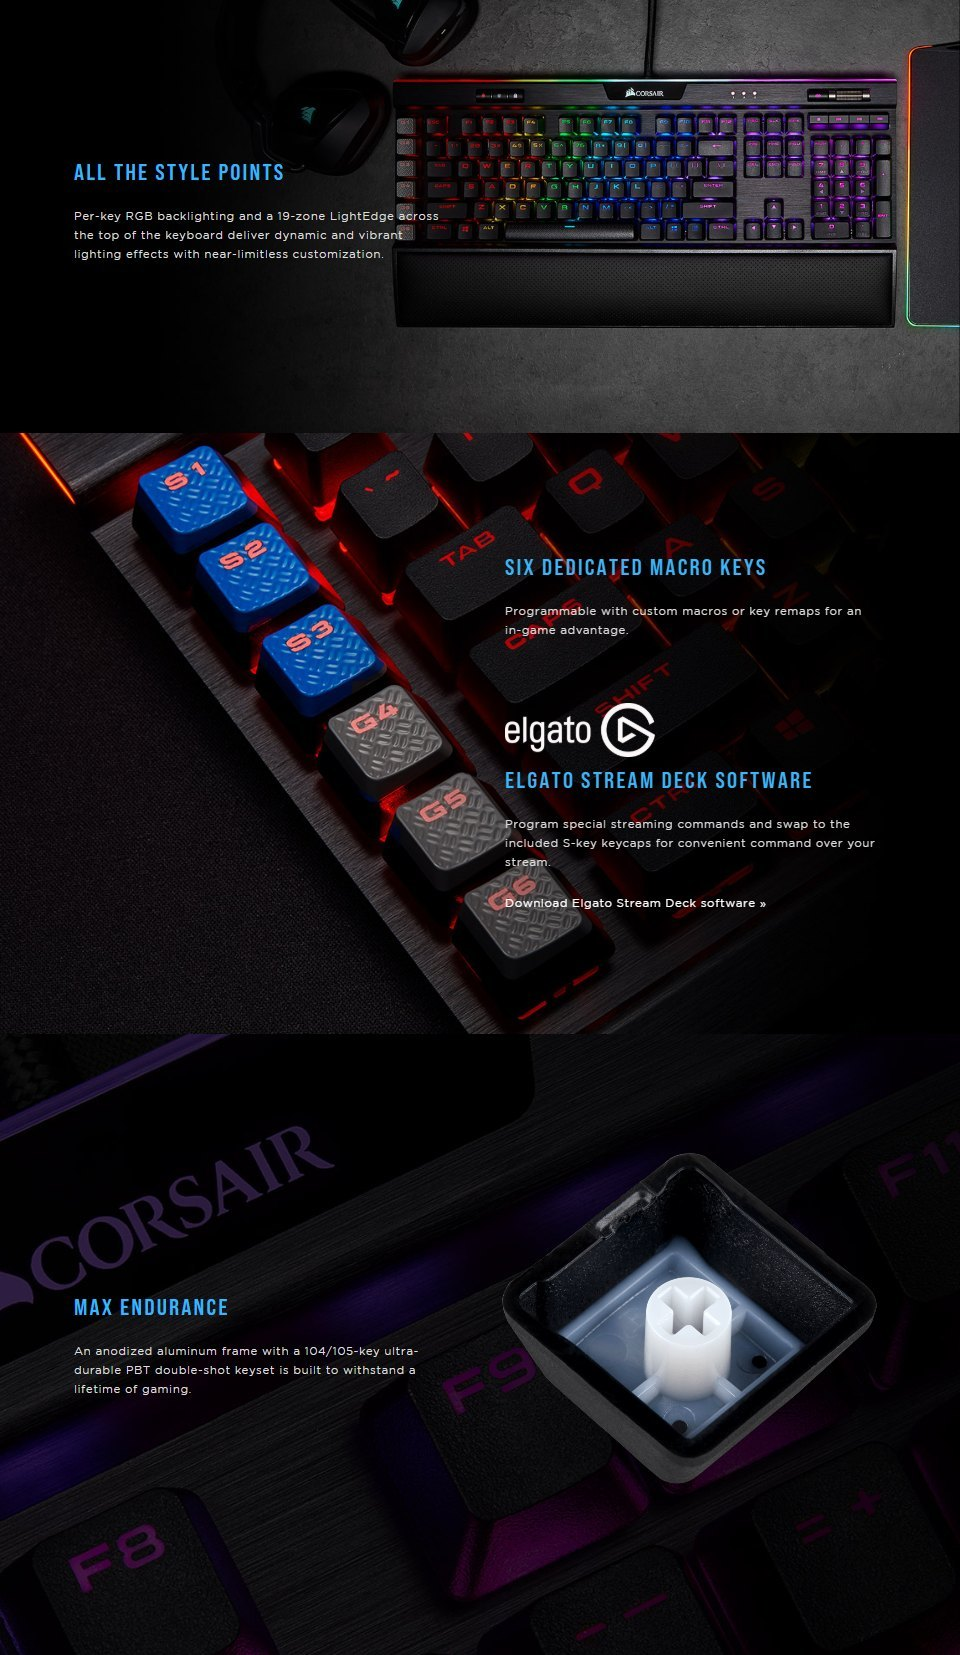 Corsair K95 Platinum XT RGB Mech Keyboard Cherry MX Brown features